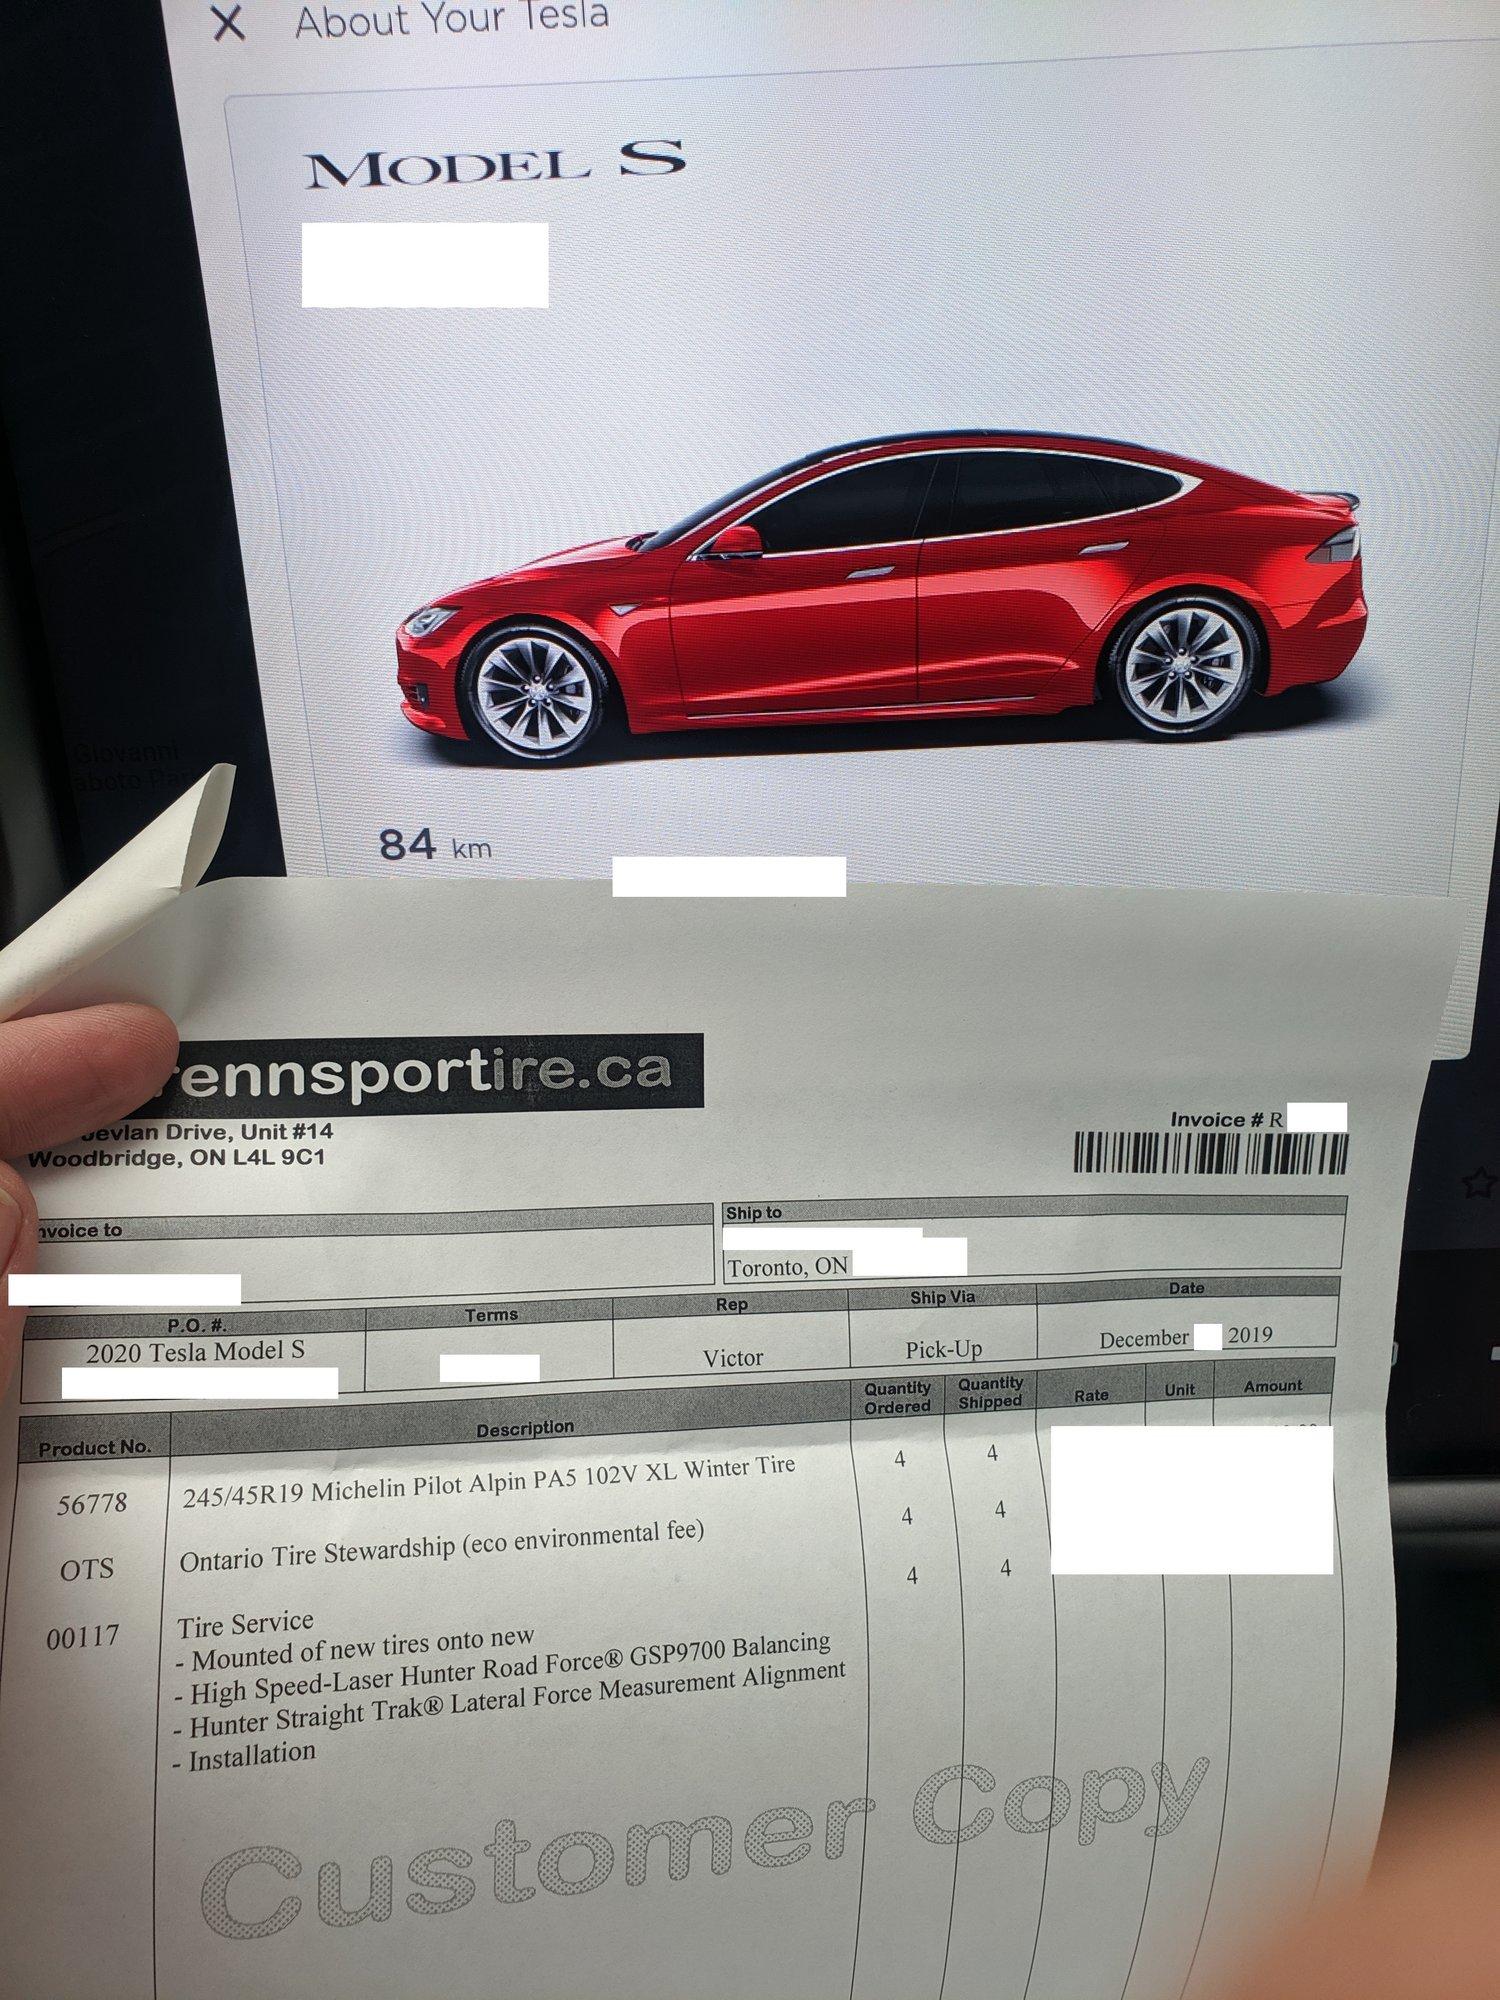 Rennsportire-Winter-Changeover-84KMs_redacted.jpg